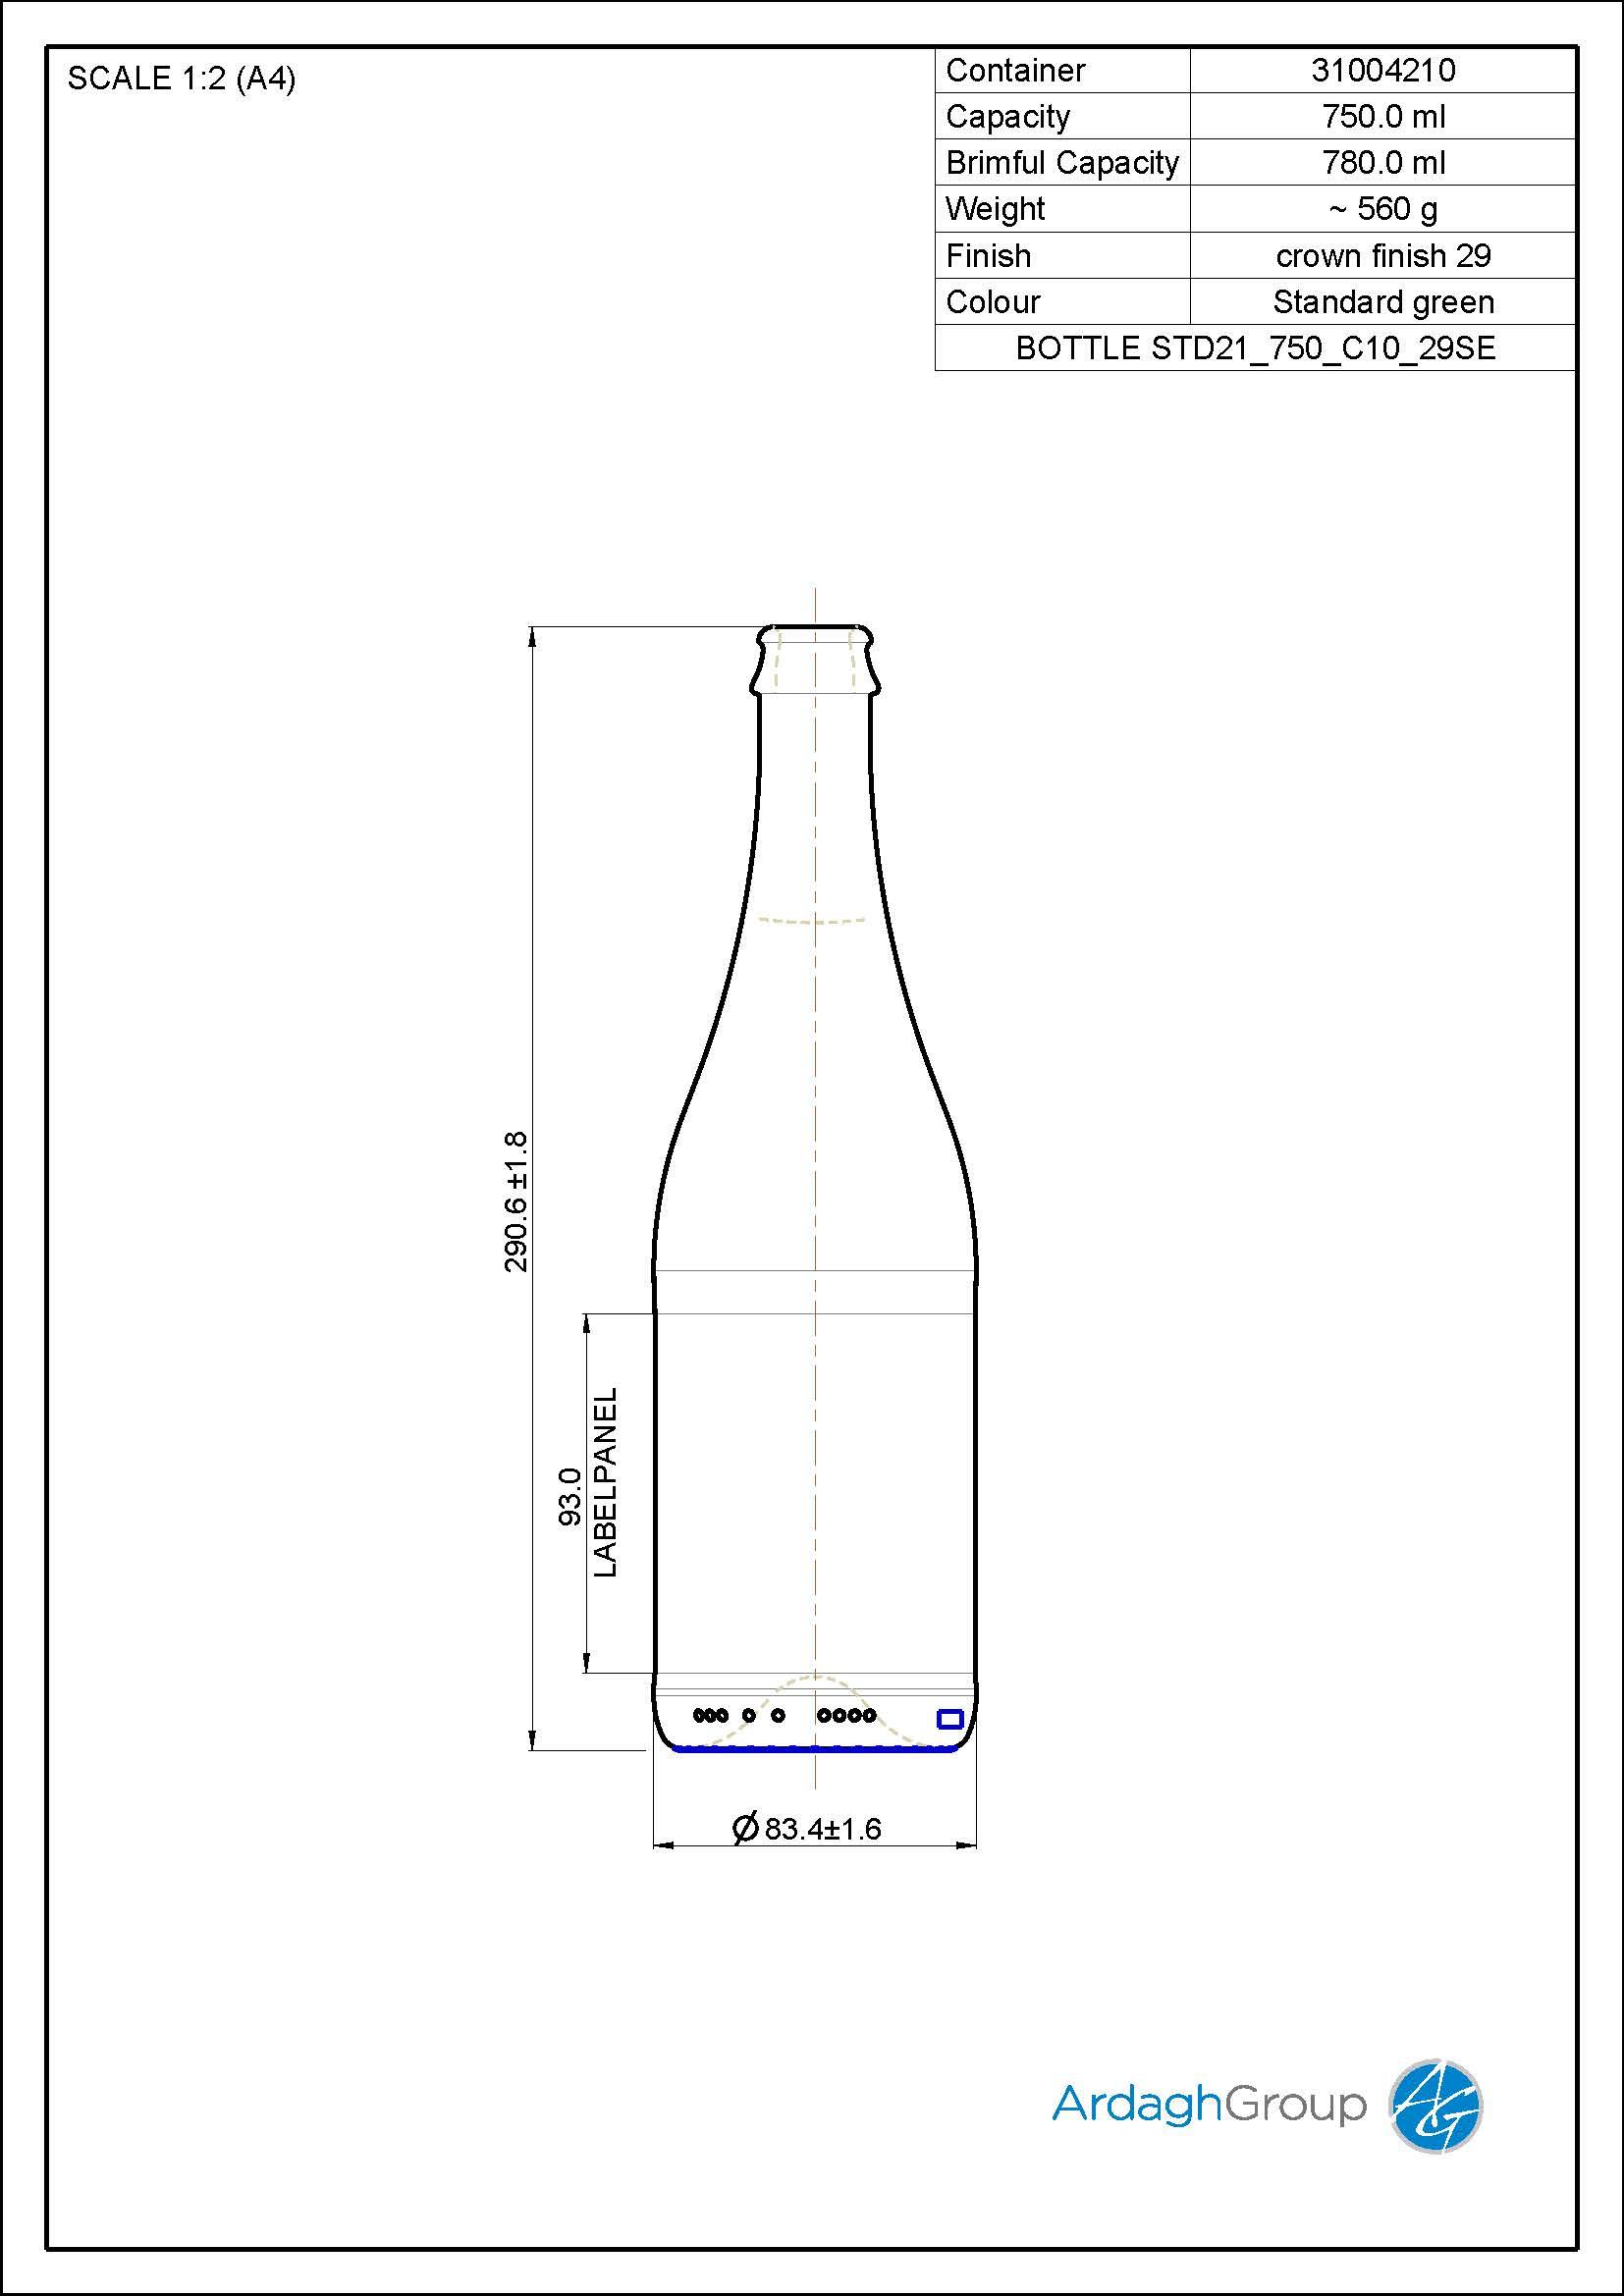 750ml Green Glass Cider Bottle 31004210